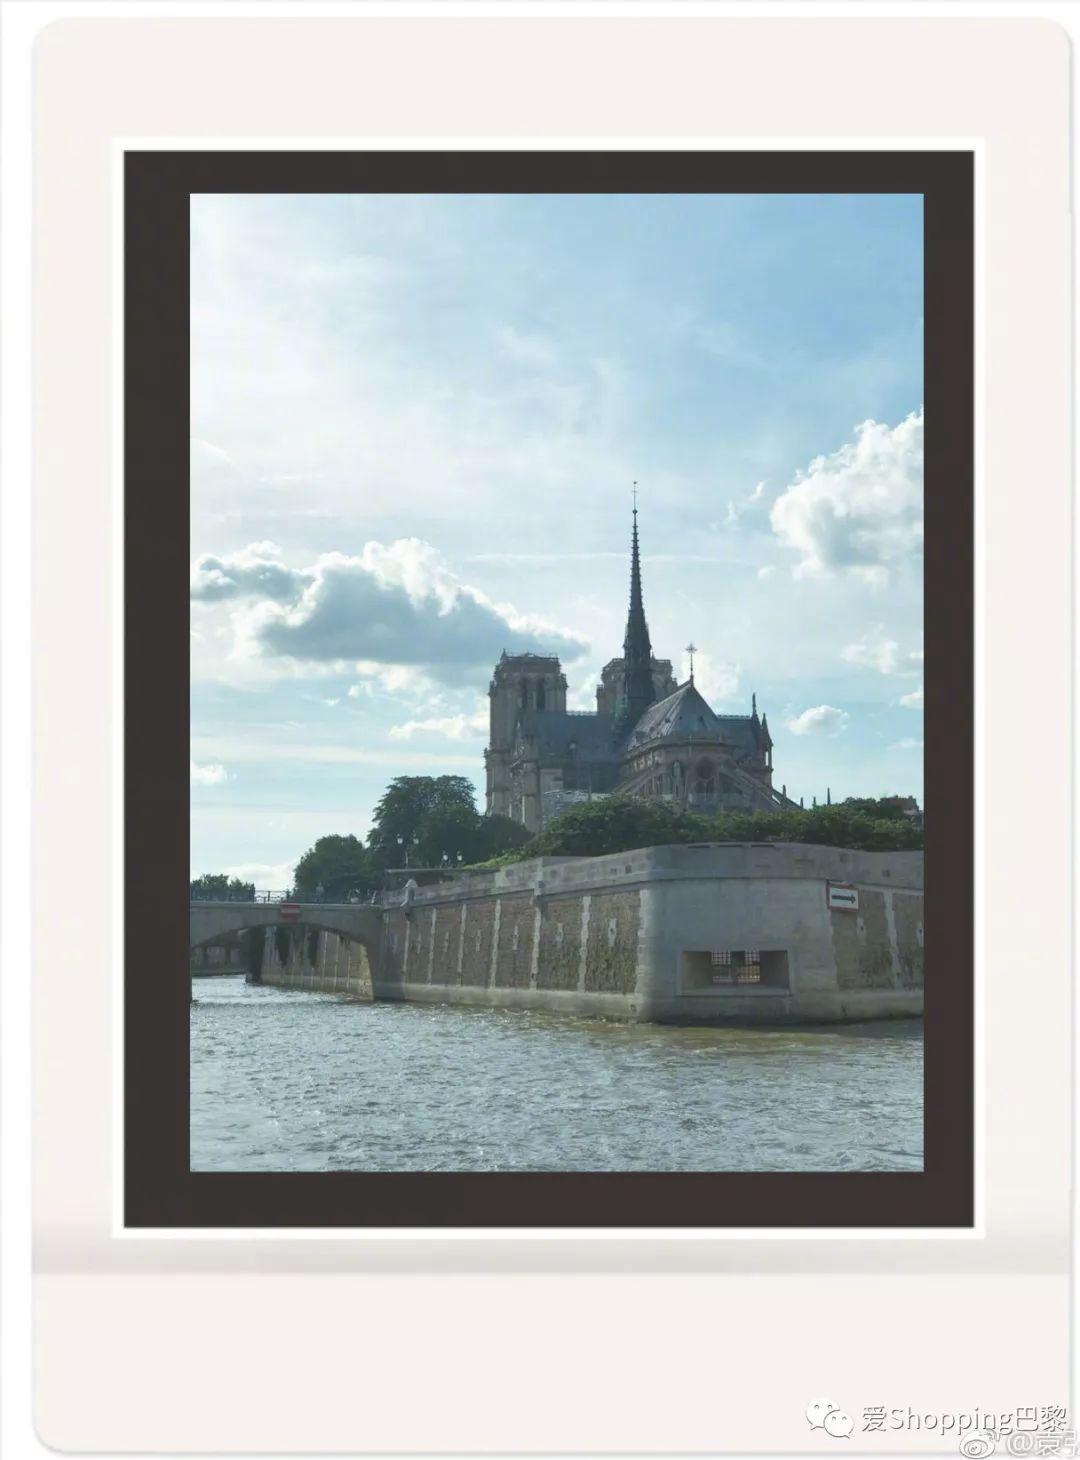 袁弘被吐槽去了假巴黎,其实...很多人去的都是假的呀!